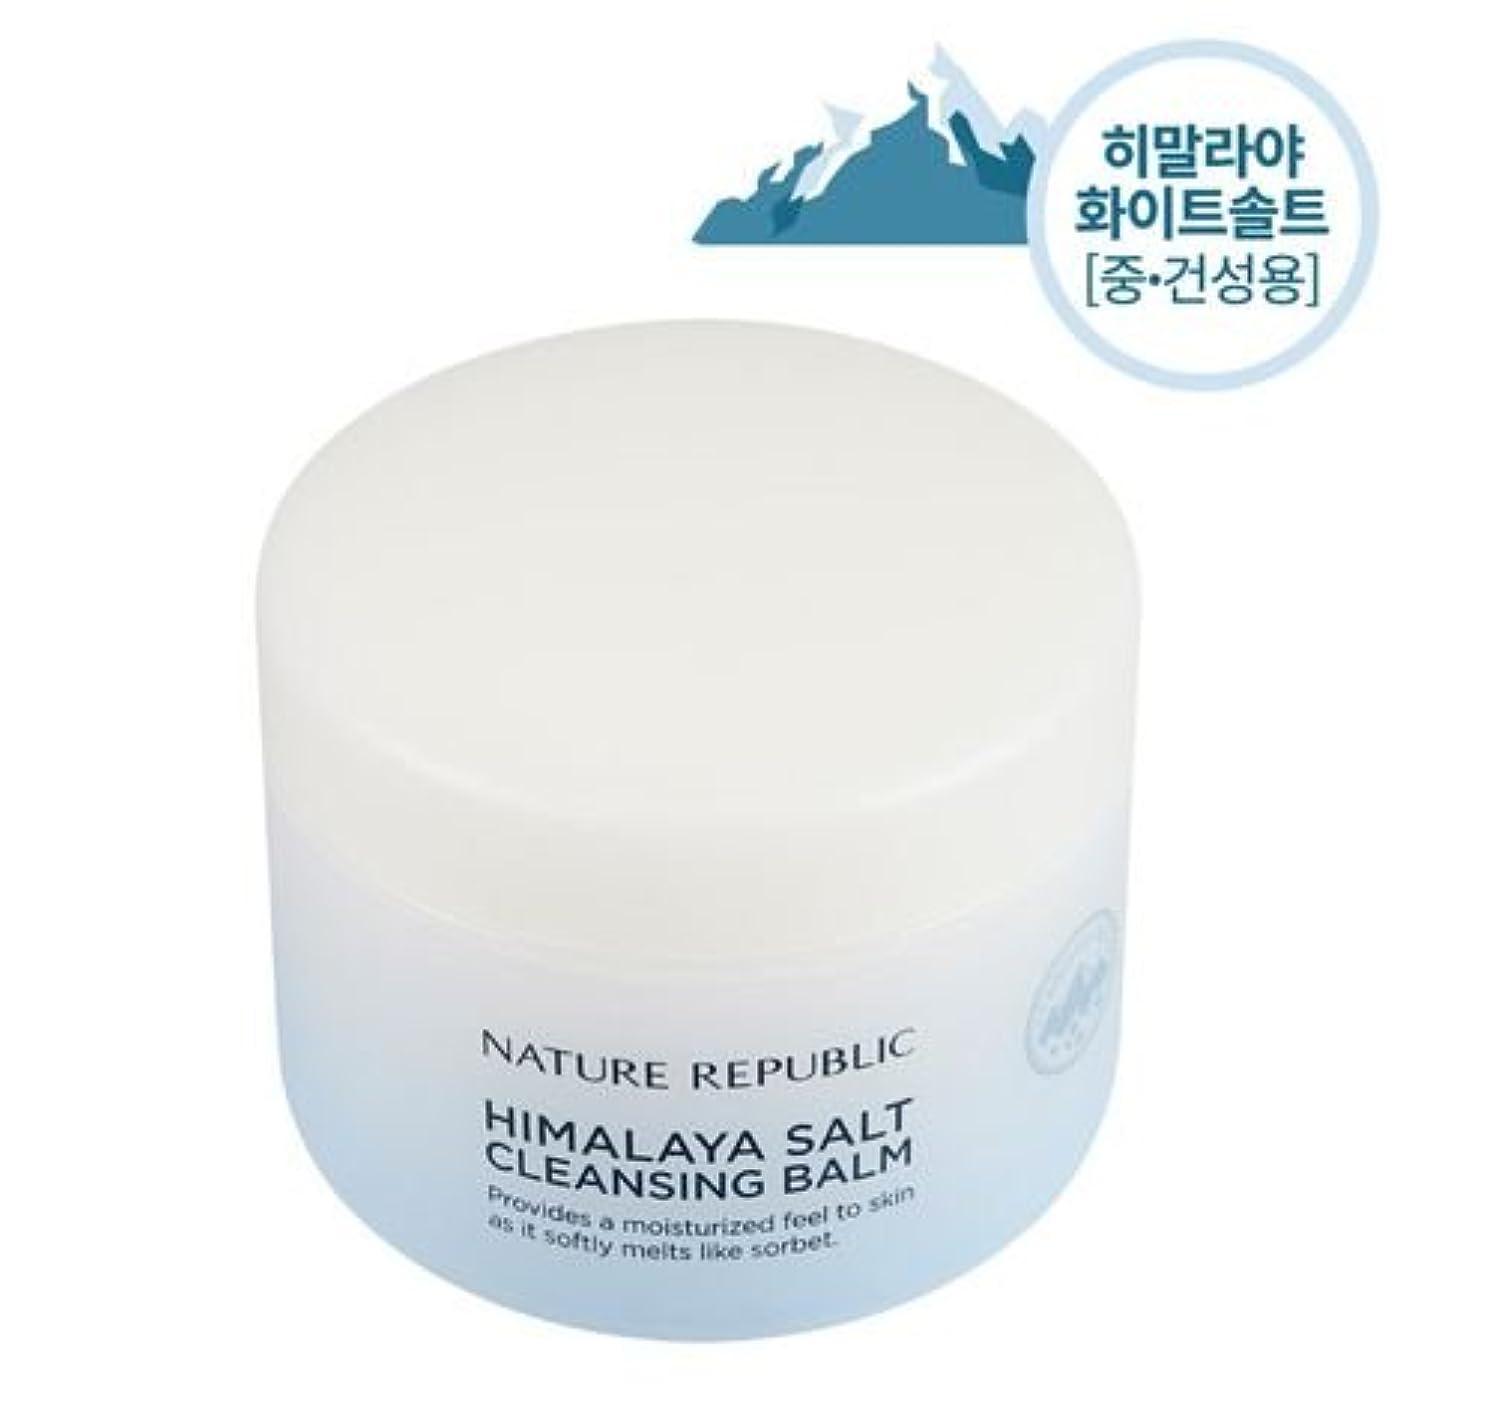 タヒチカメラから聞くNATURE REPUBLIC Himalaya salt cleansing balm (white salt)ヒマラヤソルトクレンジングバーム(white salt) [並行輸入品]